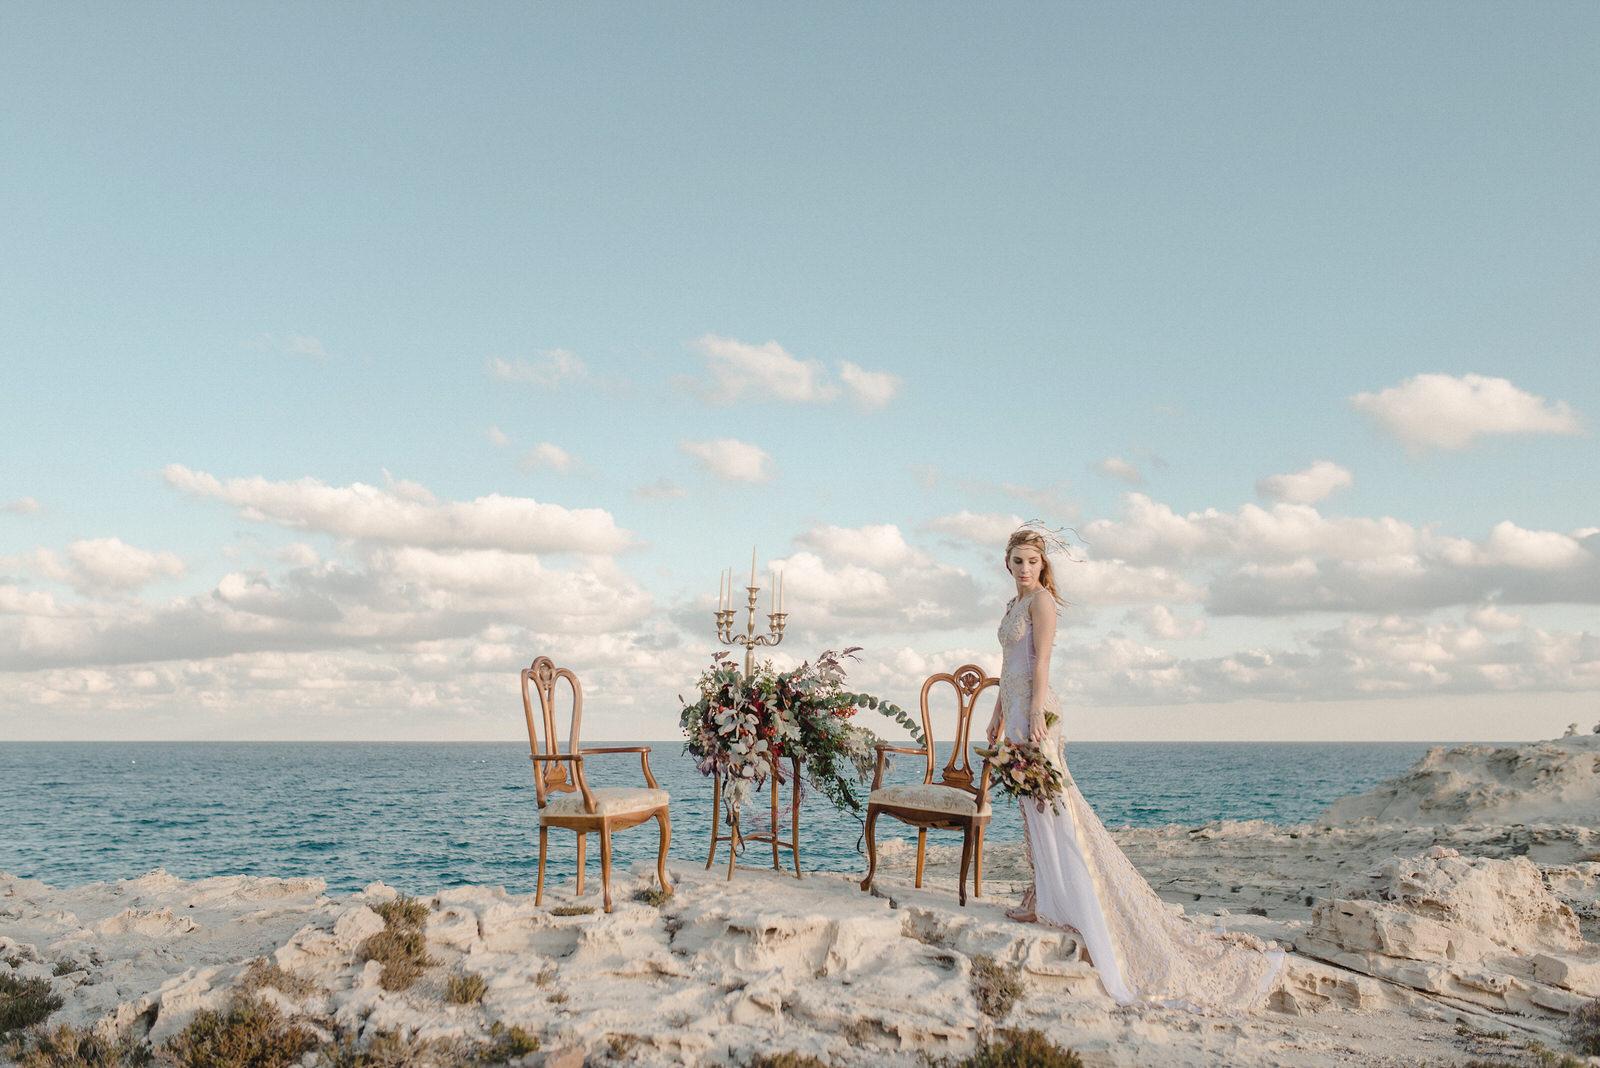 Fotografo de boda en Malaga | Postboda en los Escullos